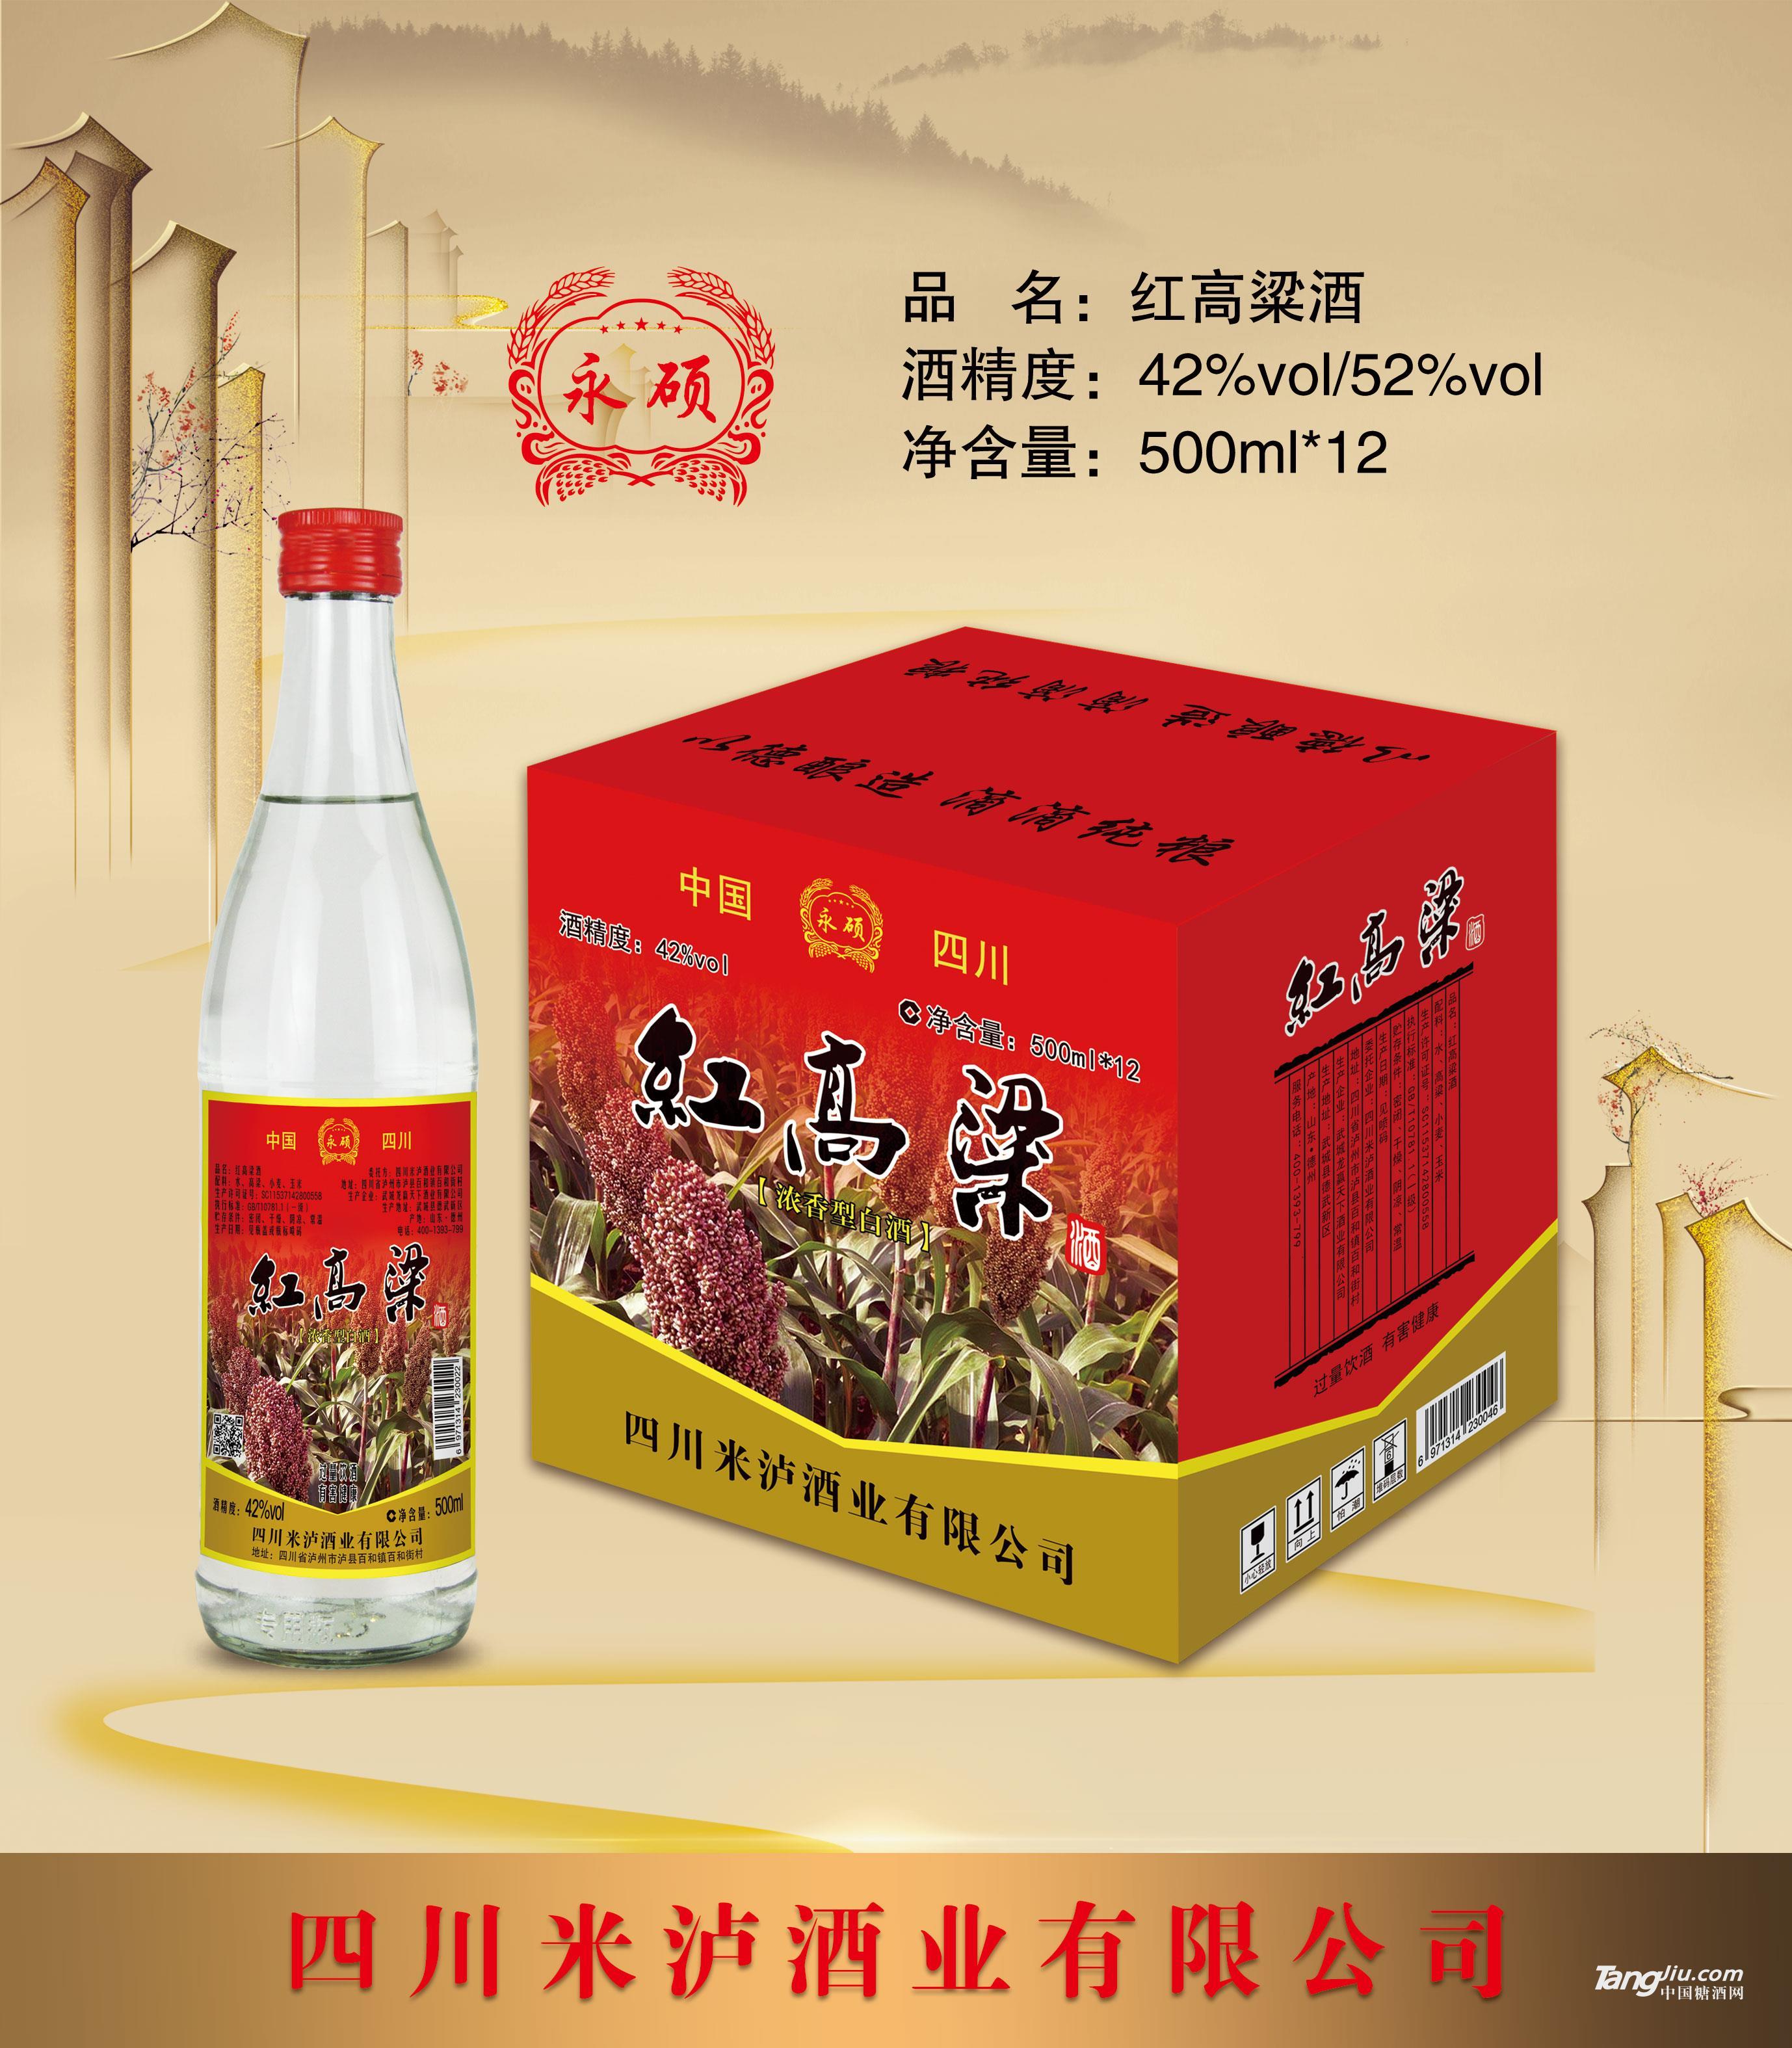 牛二瓶红高粱酒500mlx12